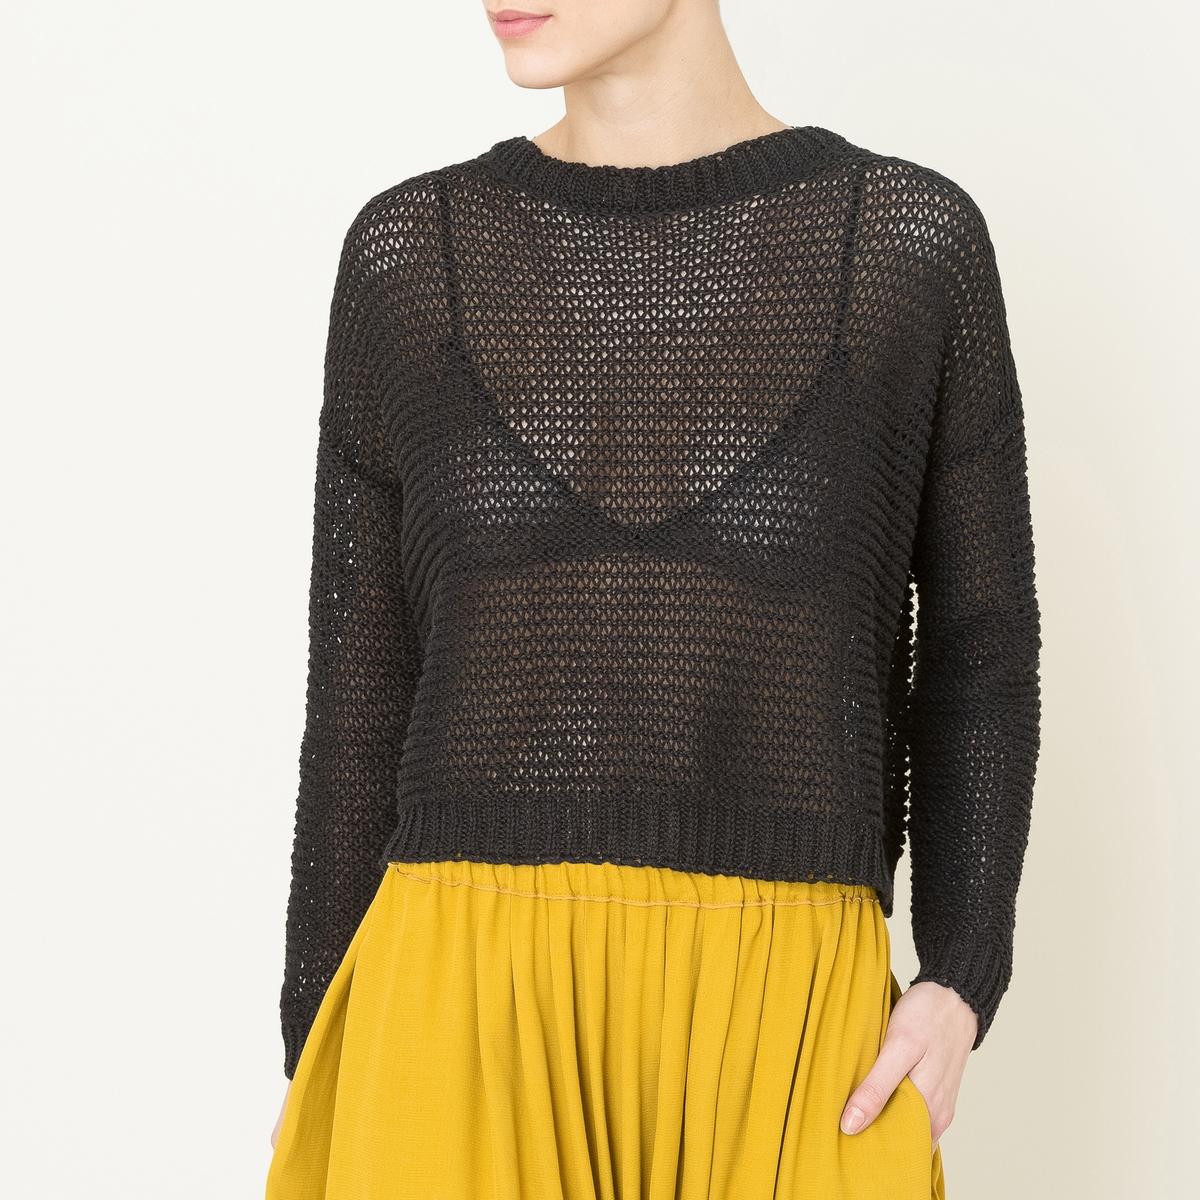 Пуловер с круглым вырезом пуловер с круглым вырезом из хлопка и льна